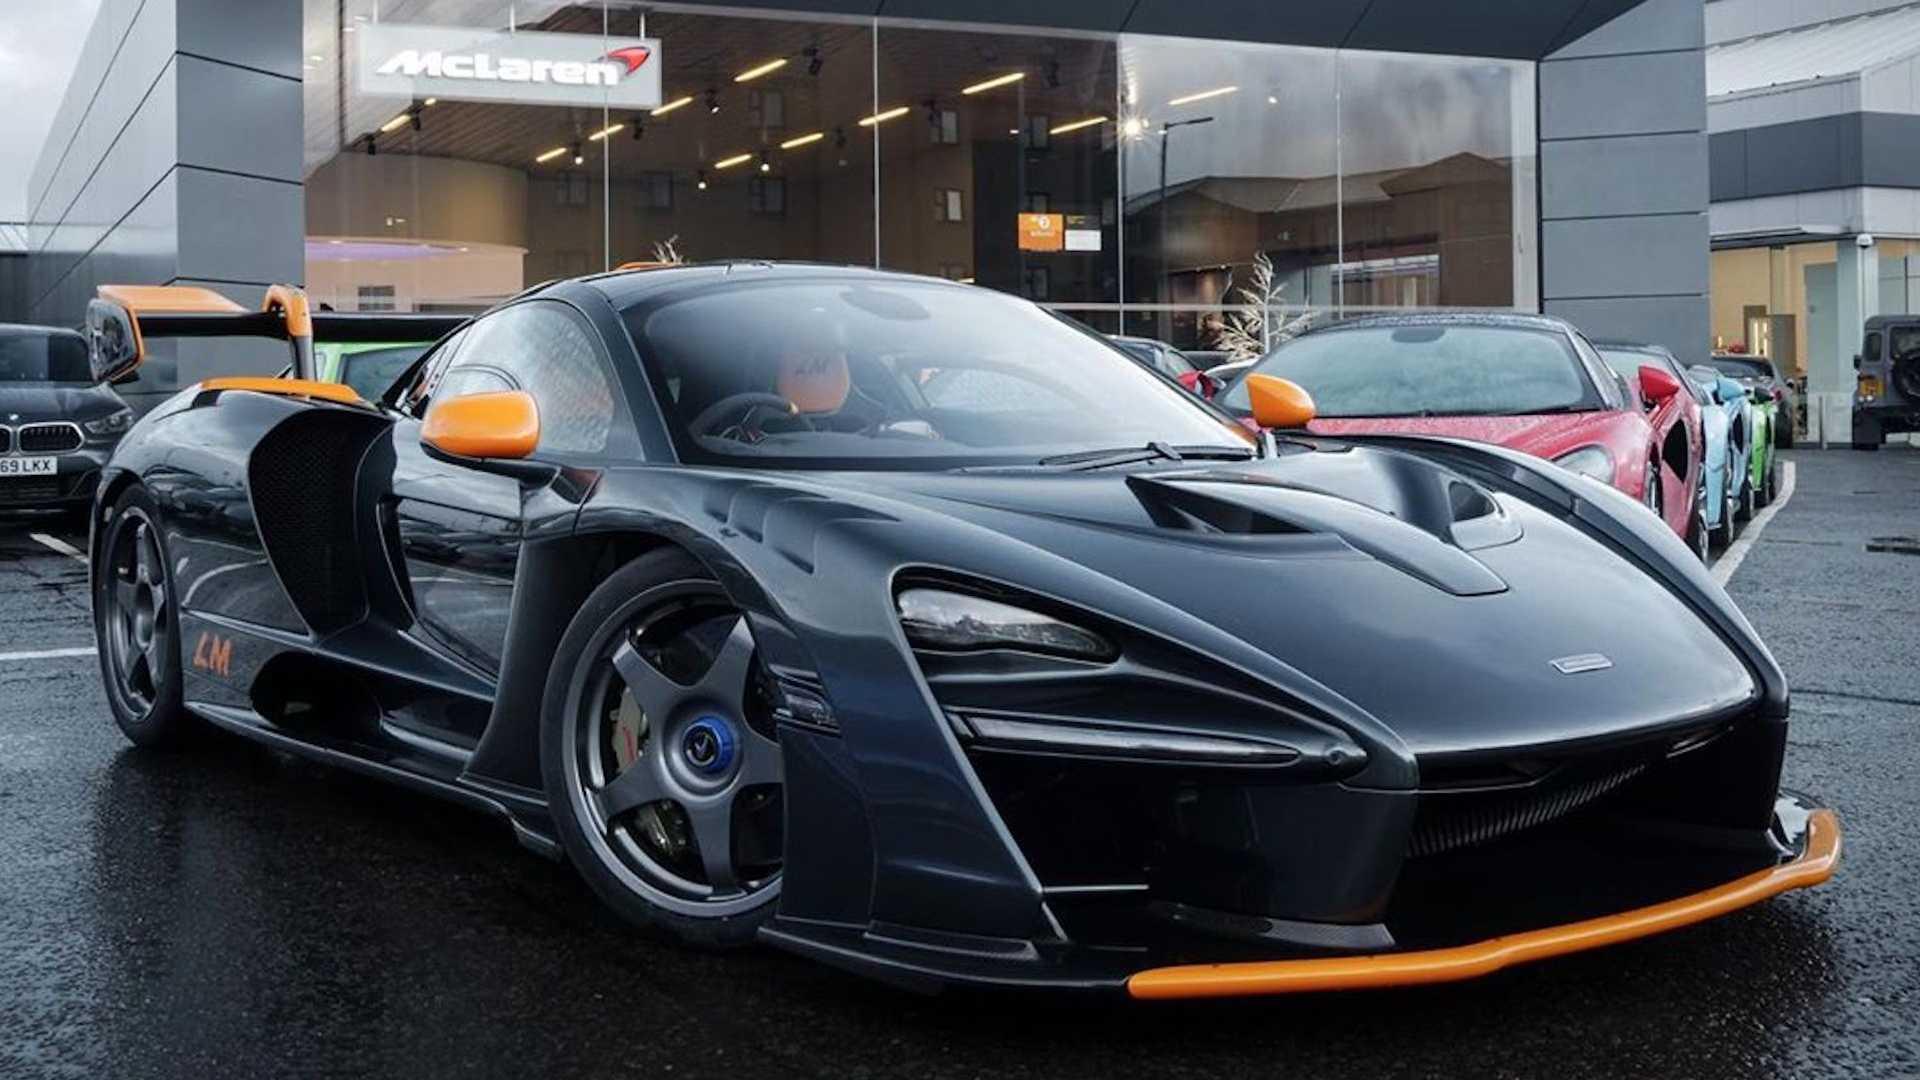 McLaren-Senna-LM-from-McLaren-Glasgow-1